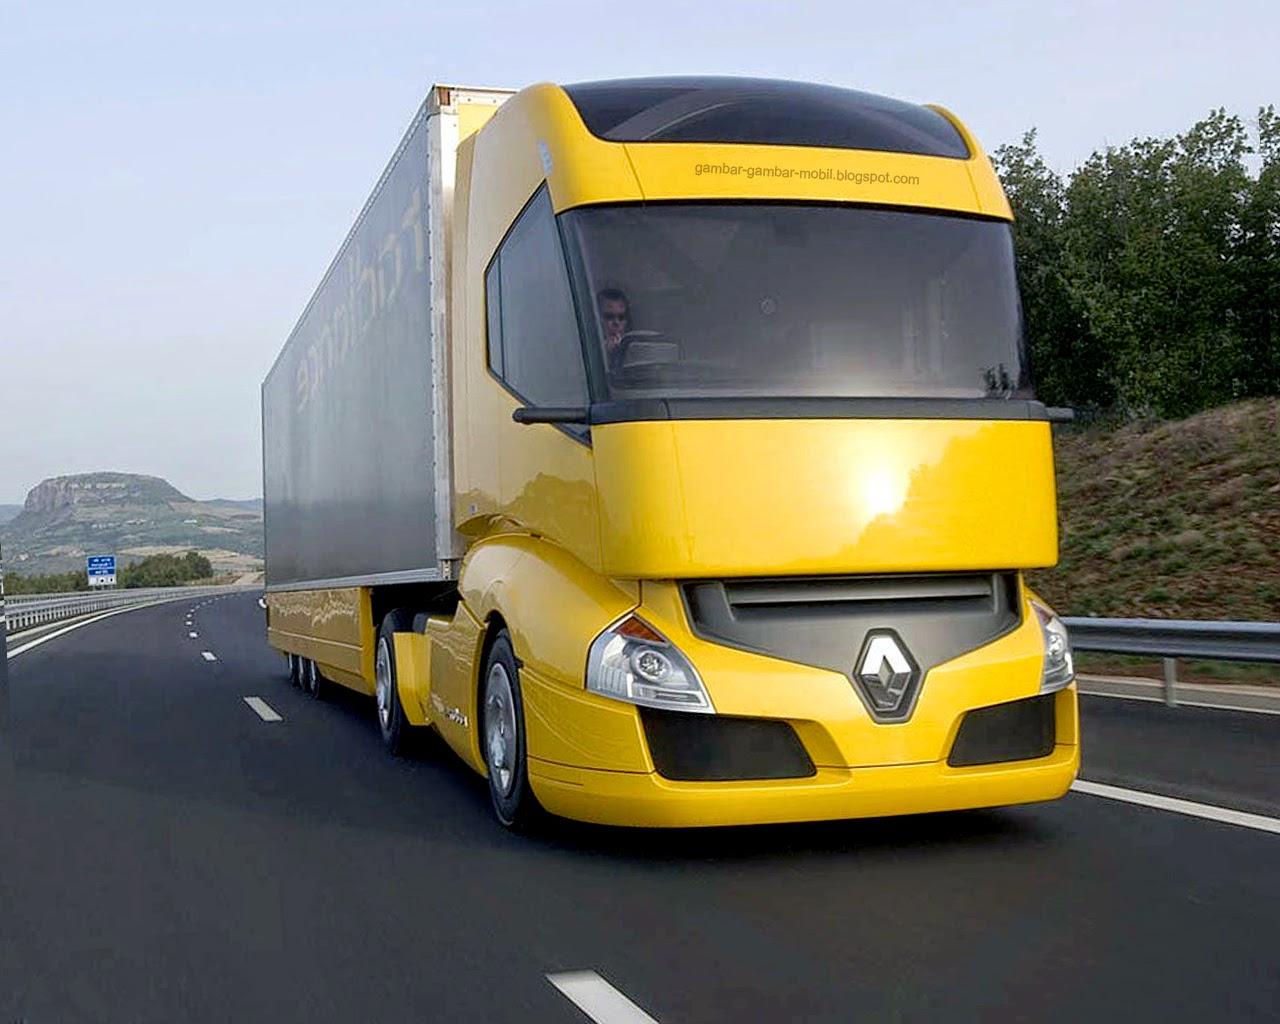 Gambar mobil truk besar  Gambar Gambar Mobil